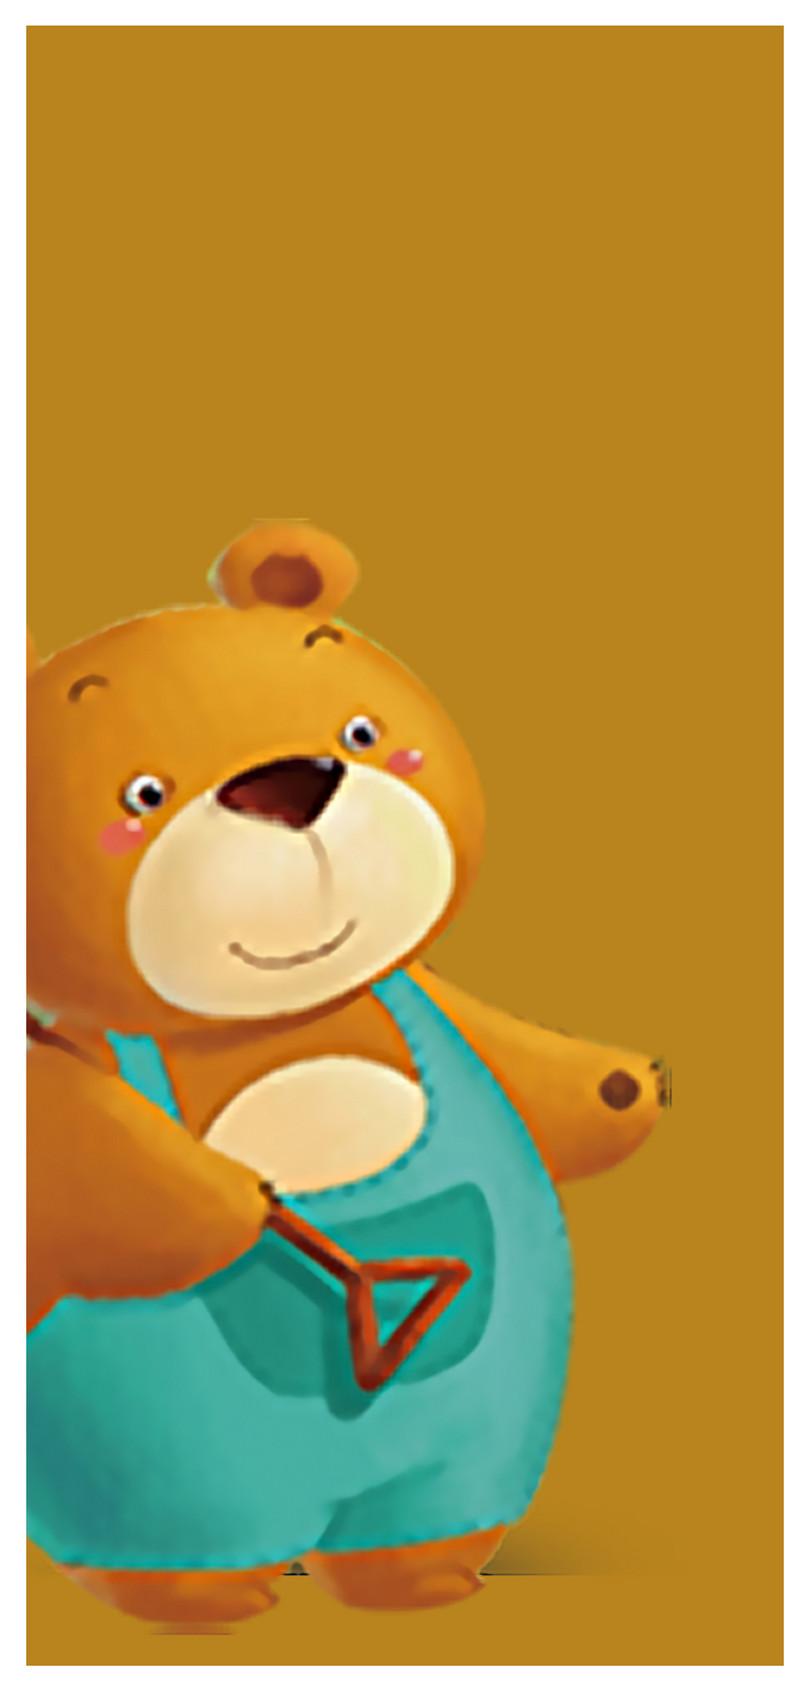 Kartun Beruang Wallpaper Ponsel - Teddy Bear - HD Wallpaper